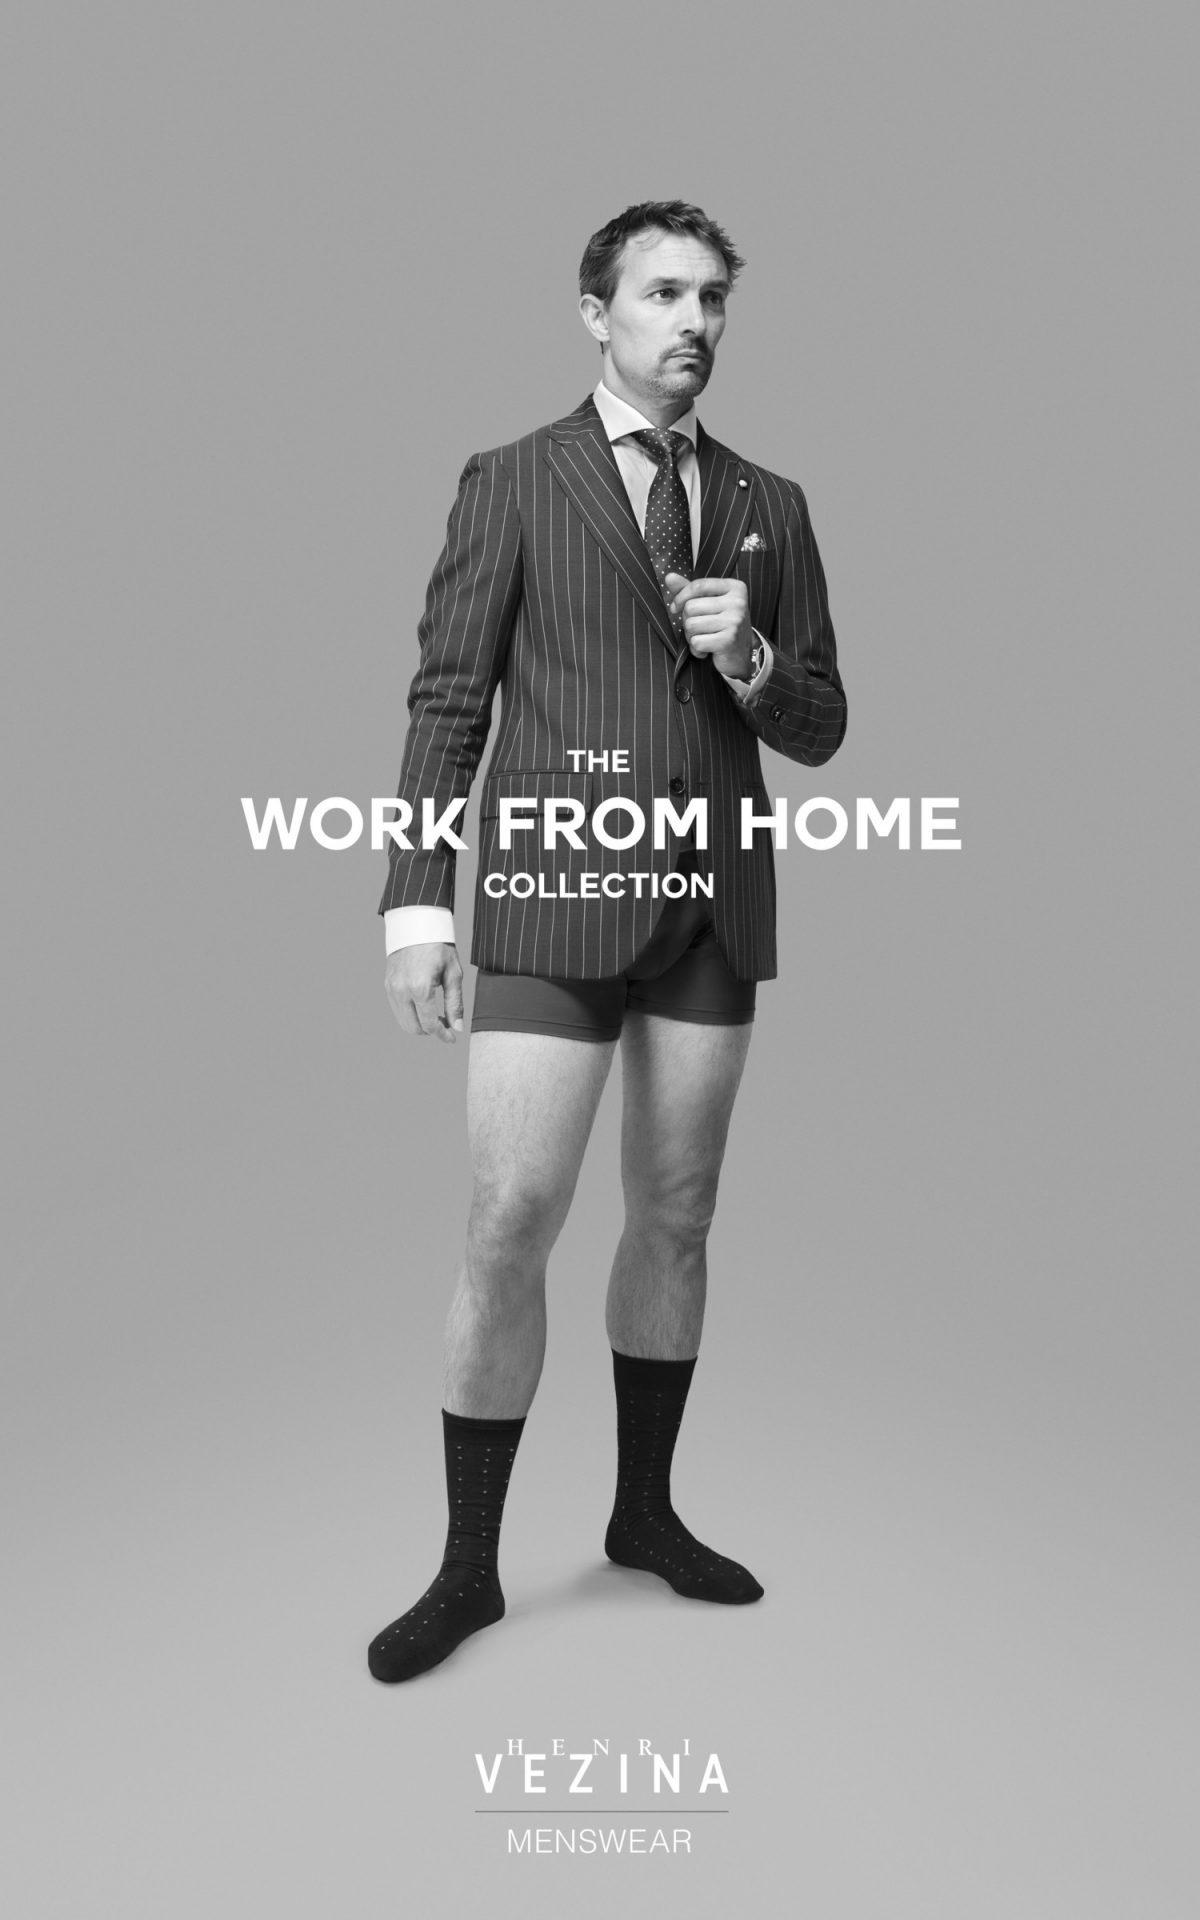 La marque canadienne Henri Vézina lance une ligne de vêtements pour le télétravail